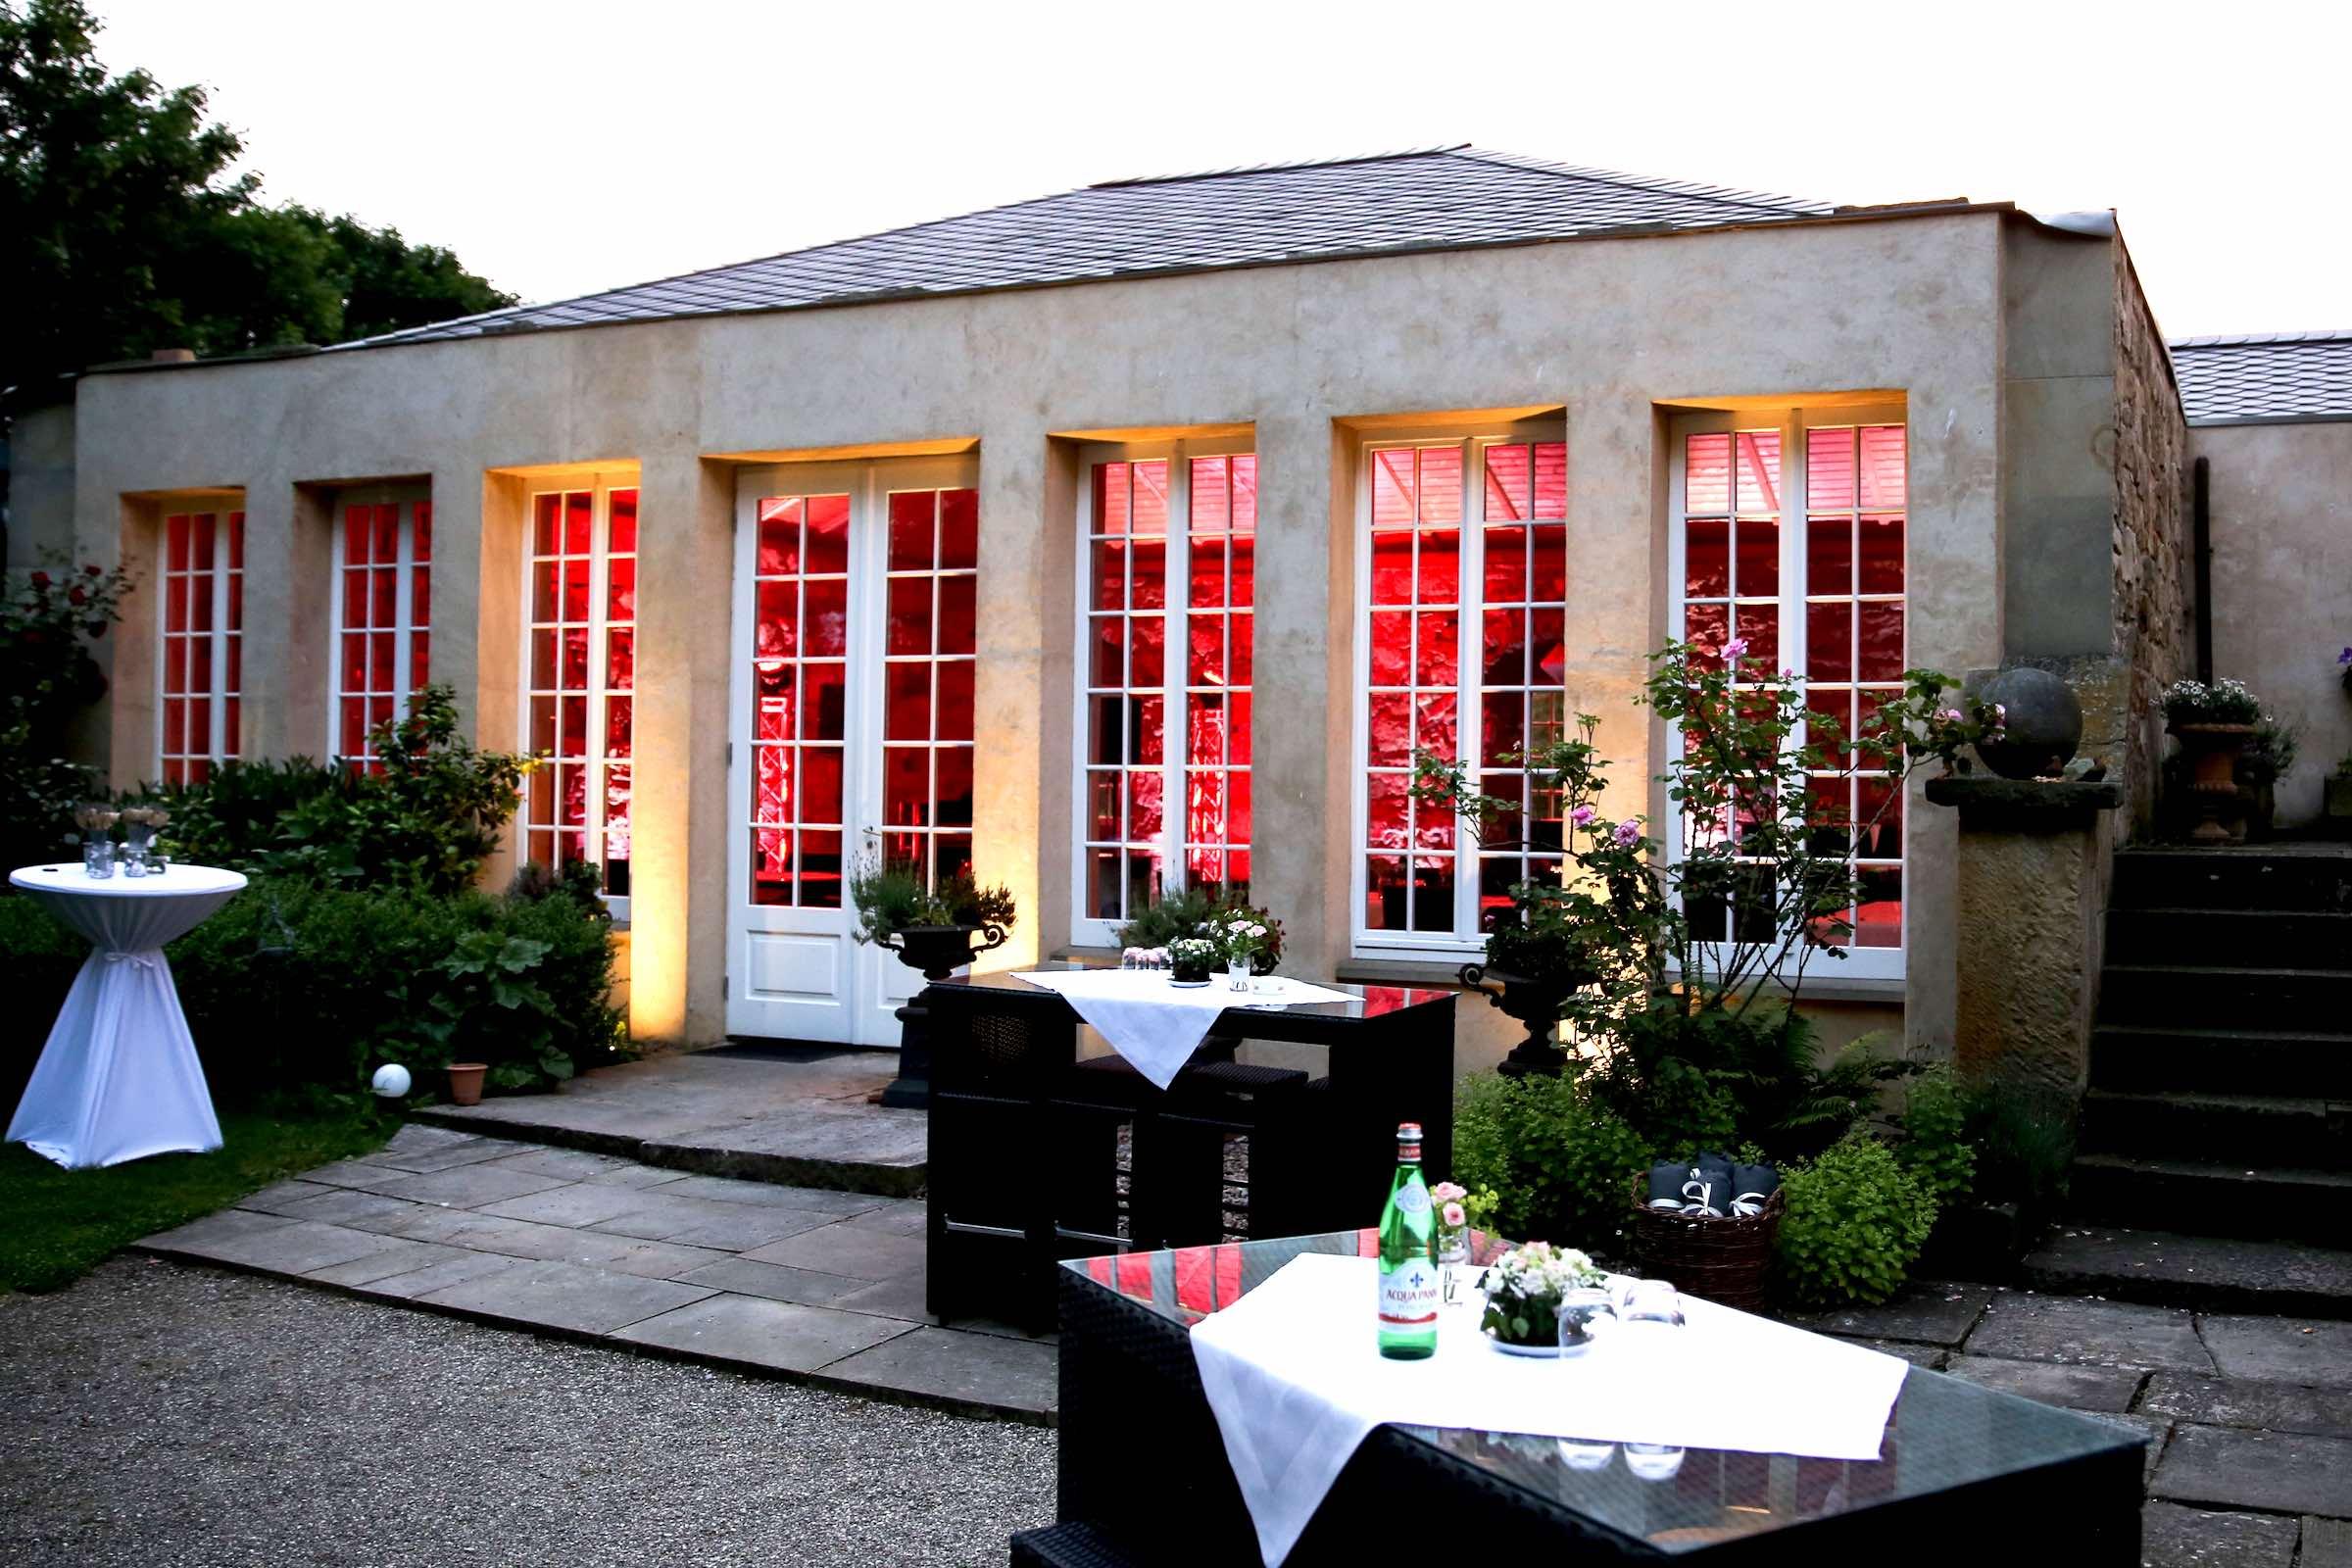 Schloss | Hammerstein | Apelern | Gartensaal | Hochzeit | Geburtstag | Firmenfeier | Referenz | Location | DJ | Timm | Lehmann | DJ | Hannover | Party | DJ | Hochzeitsplaner | Lehmann | Eventservice